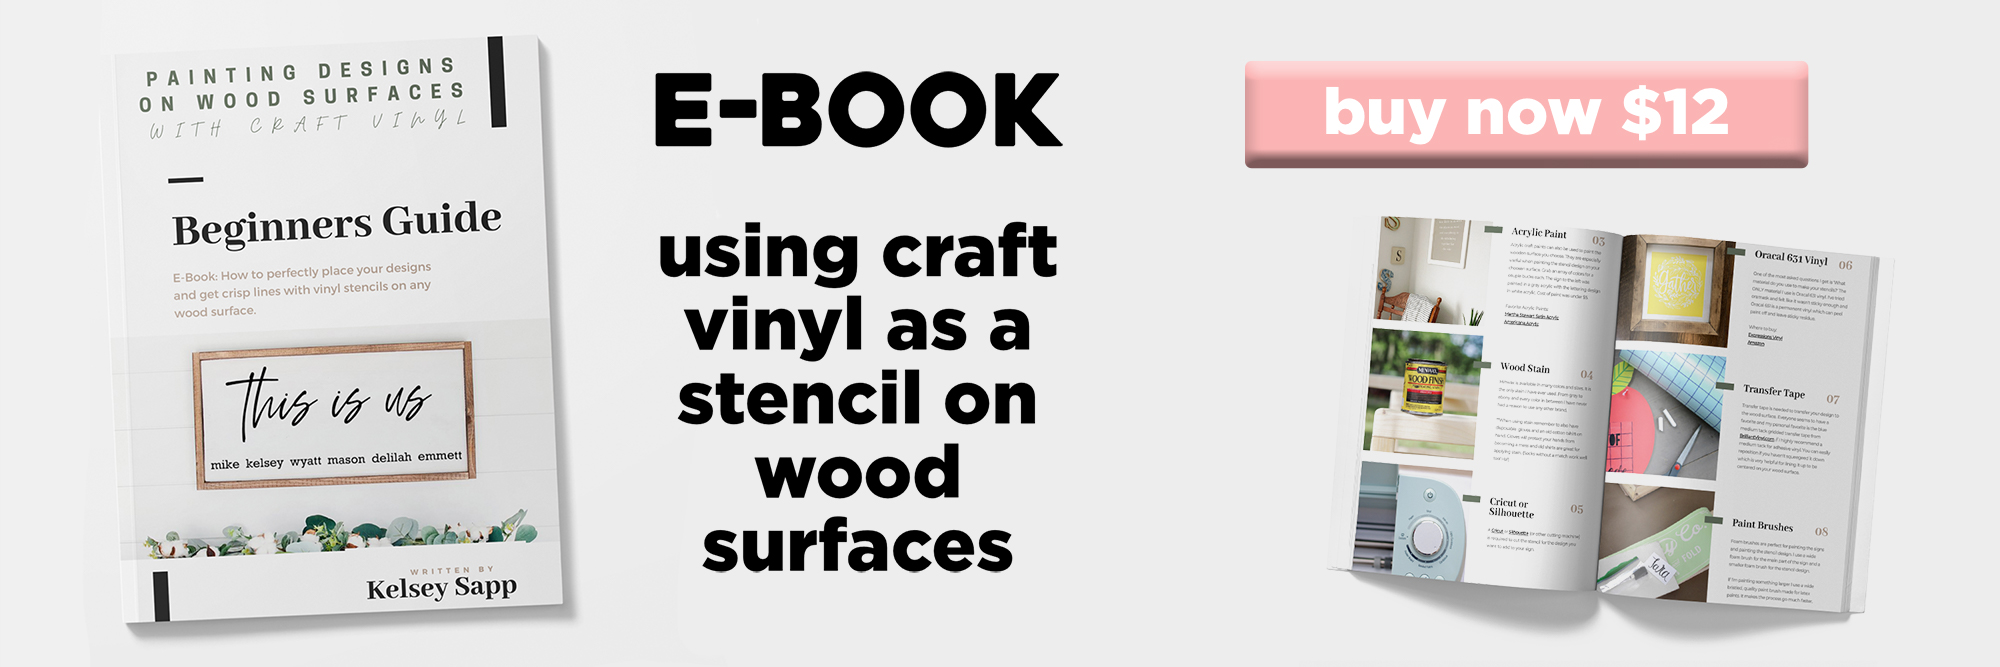 Craft Vinyl Stencil E-Book